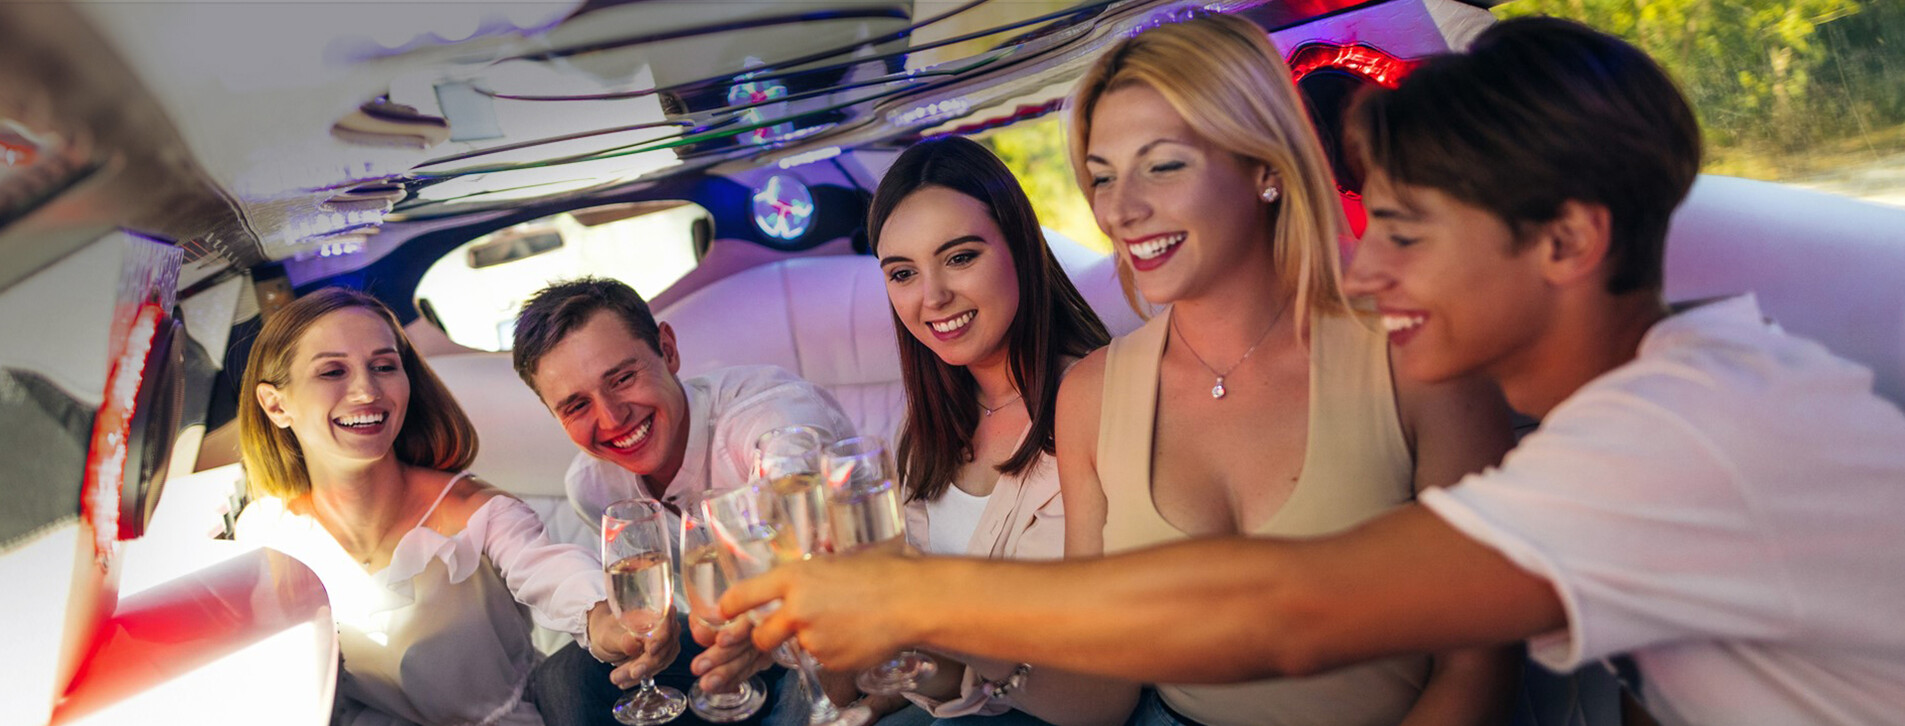 Фото - Вечеринка в лимузине